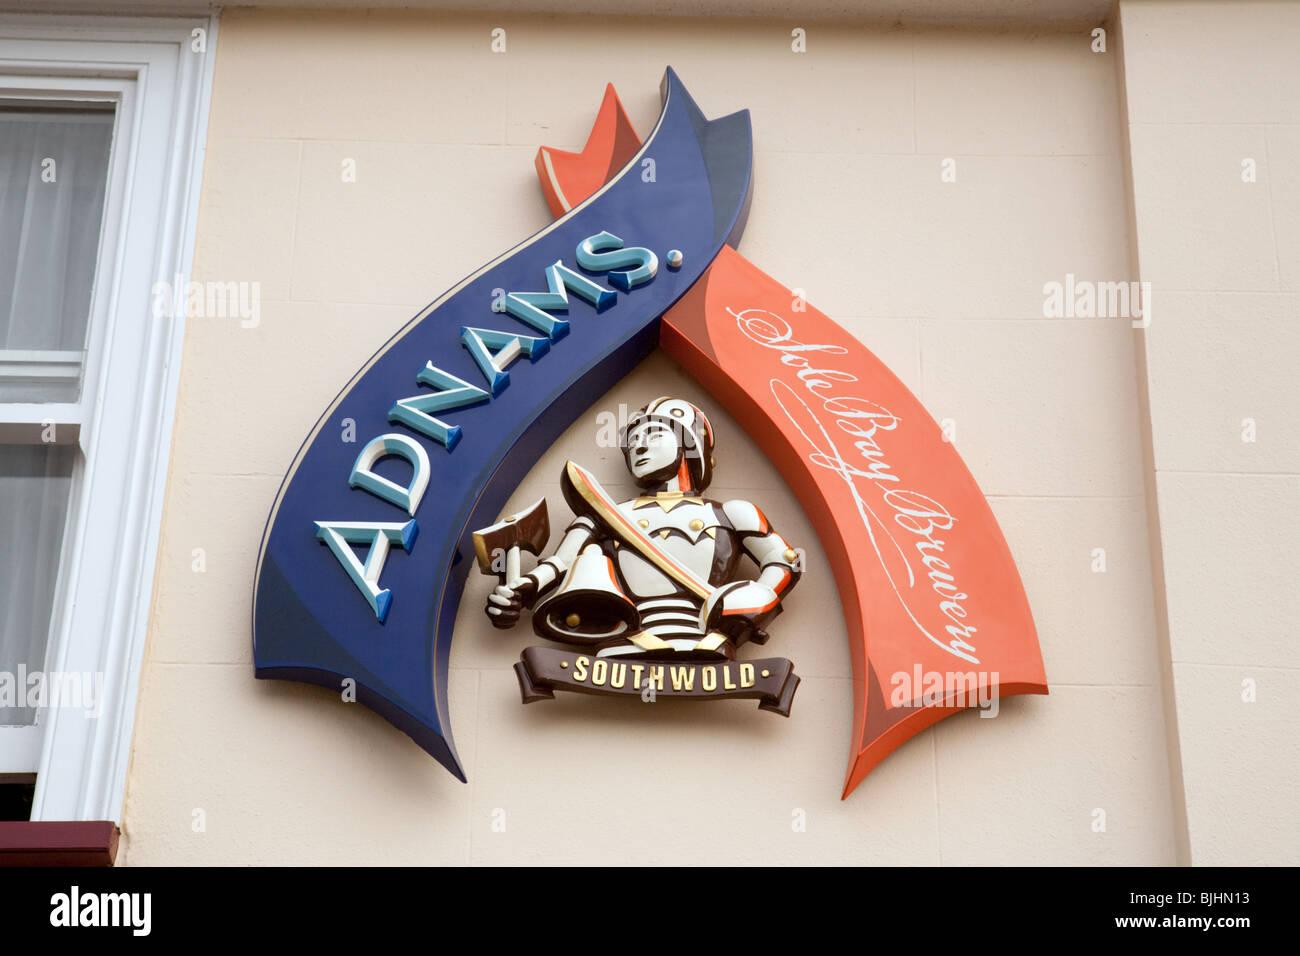 Il segno per Adnams suola Bay Brewery, Southwold, Suffolk, Regno Unito Immagini Stock